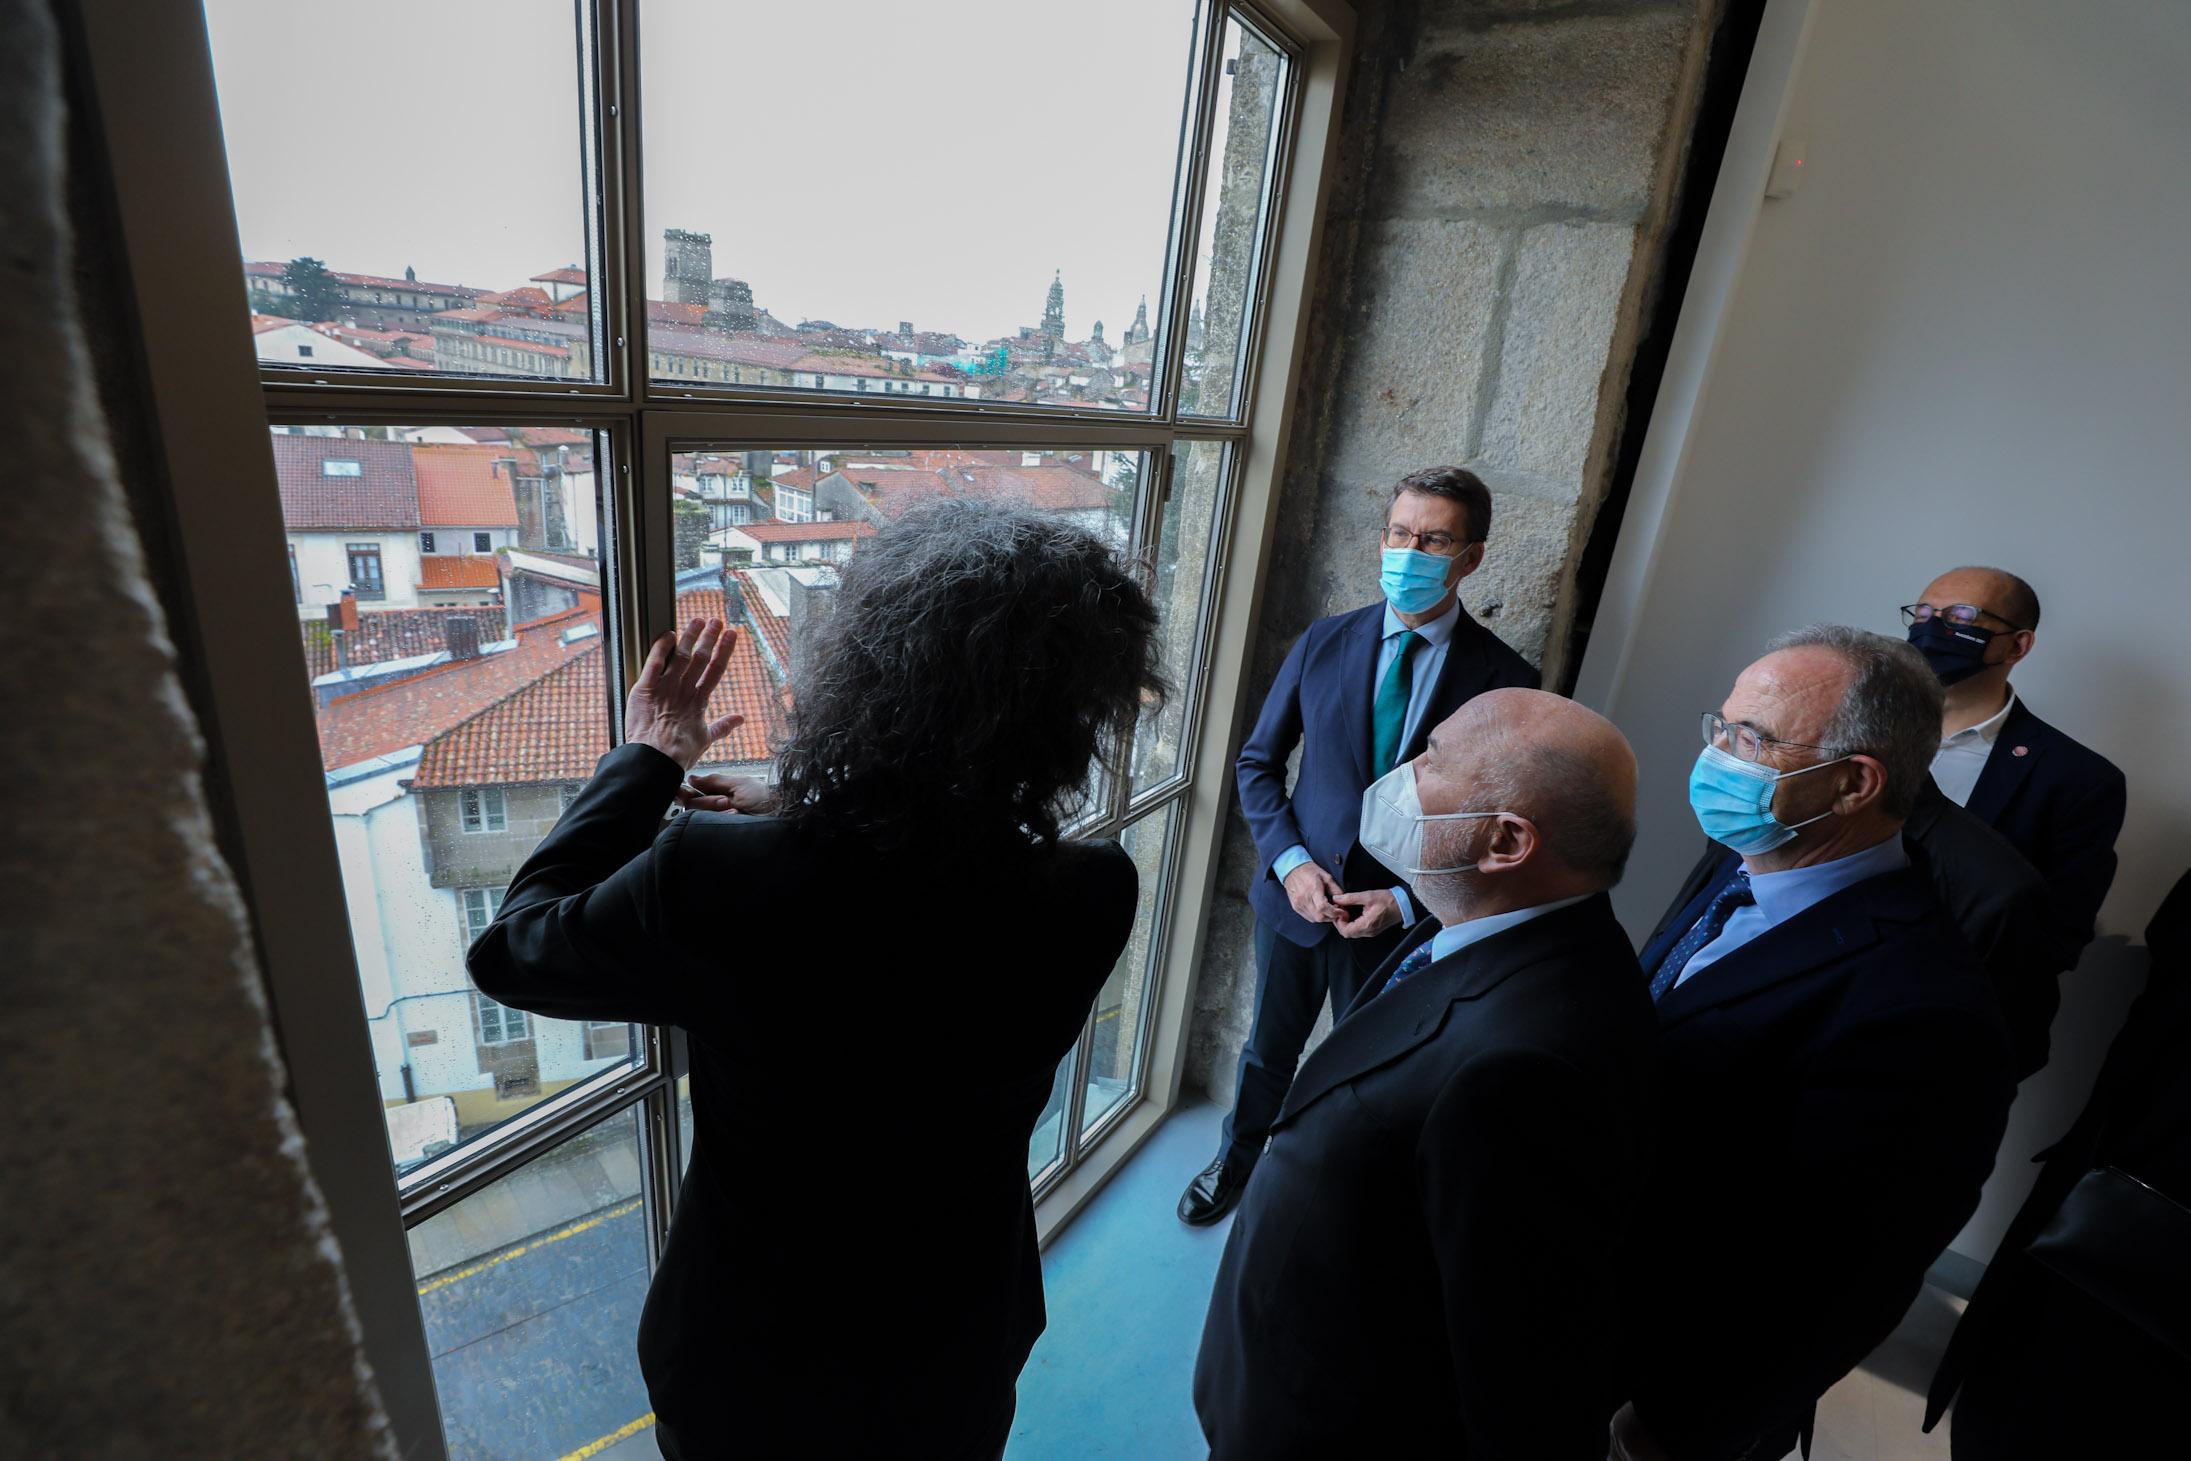 A ampliación do Museo do Pobo permitirá completar o percorrido pola historia galega